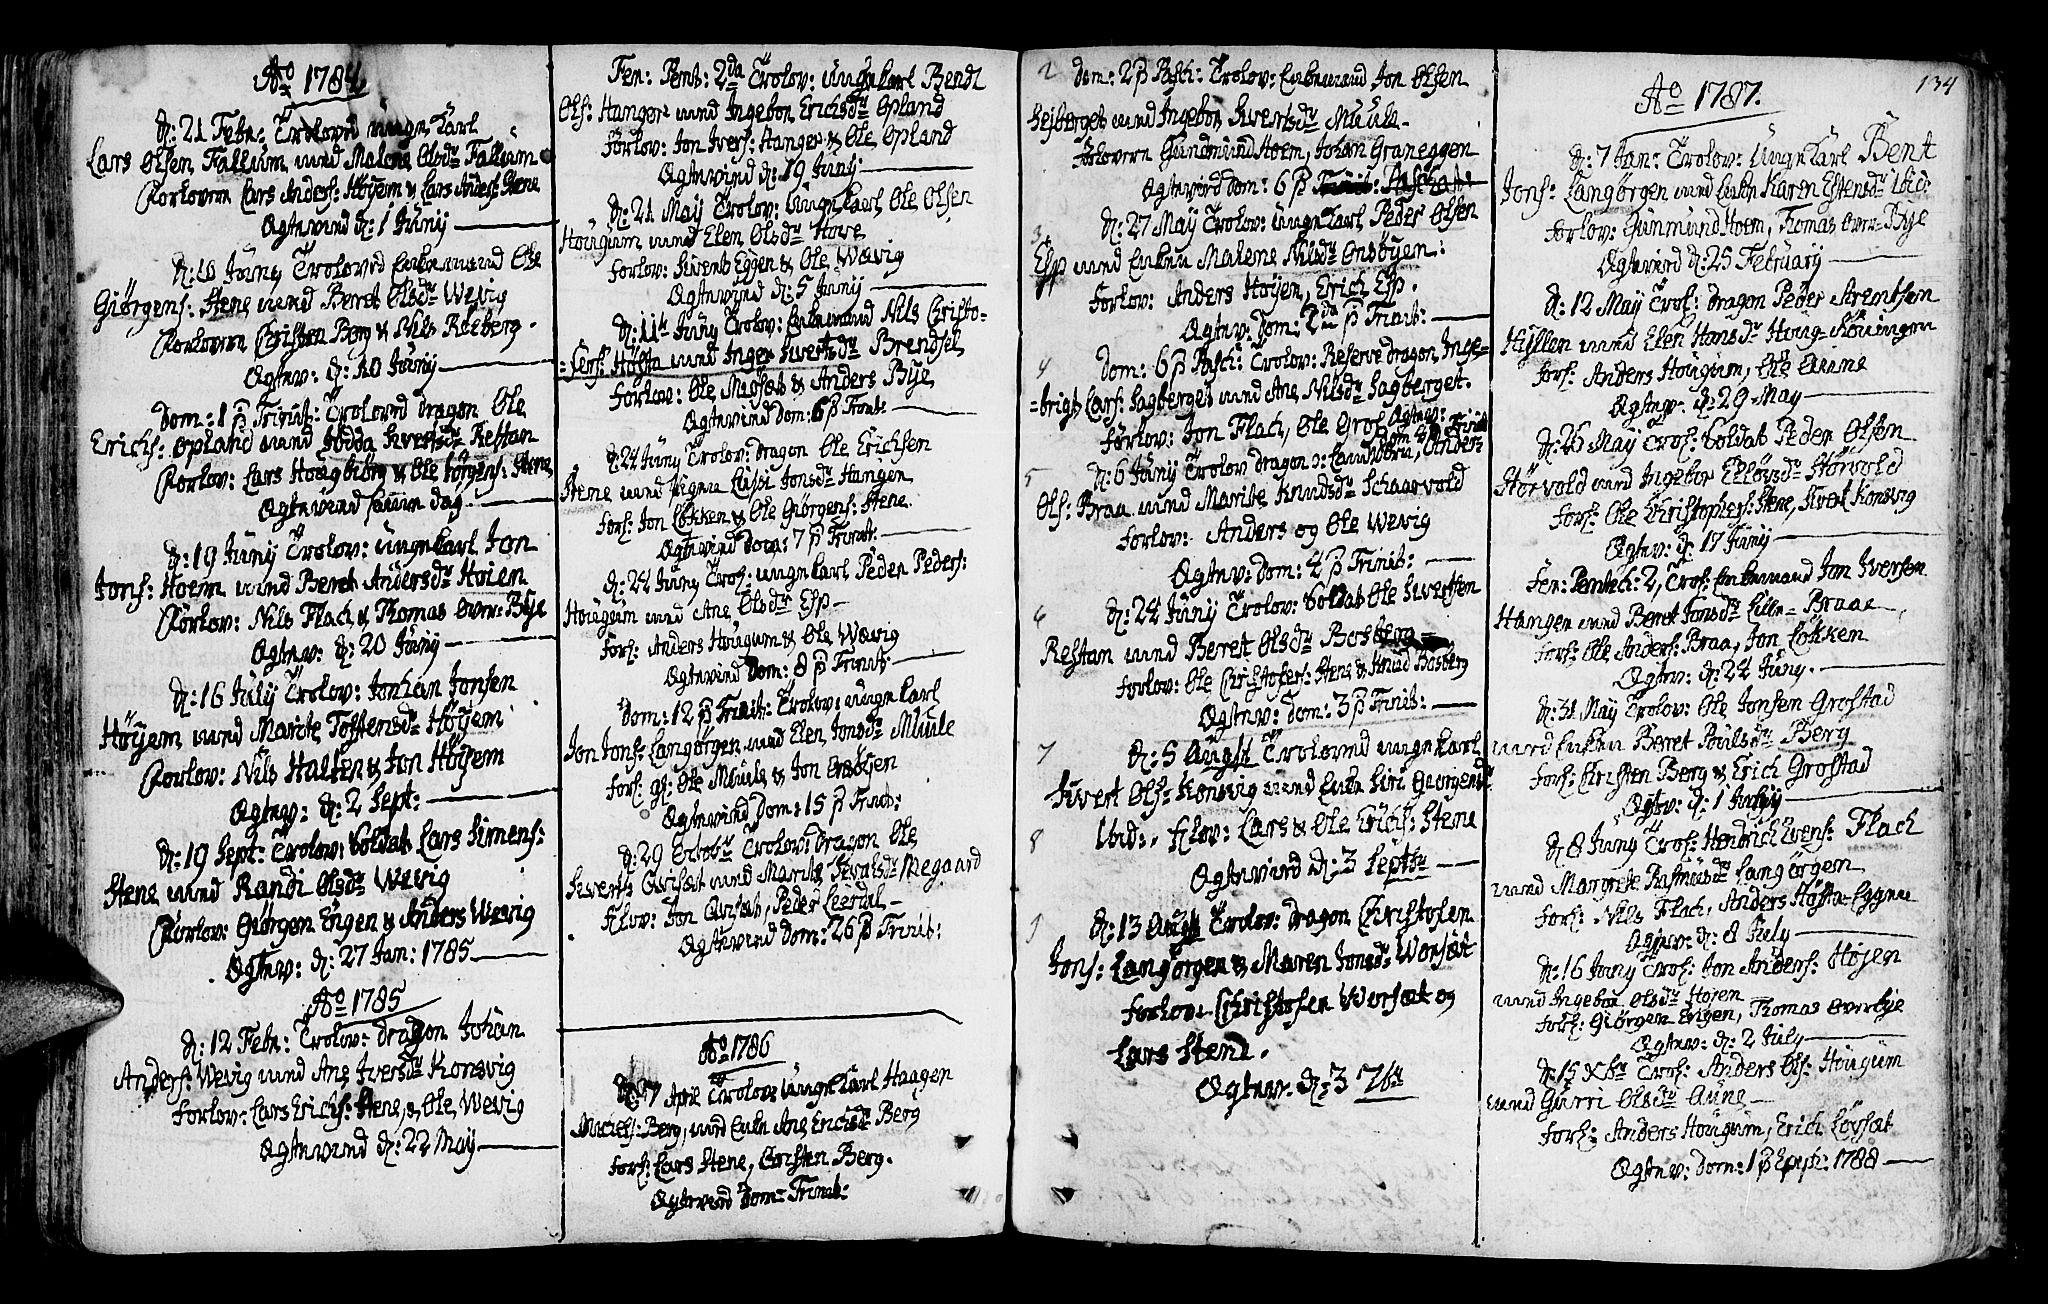 SAT, Ministerialprotokoller, klokkerbøker og fødselsregistre - Sør-Trøndelag, 612/L0370: Ministerialbok nr. 612A04, 1754-1802, s. 134